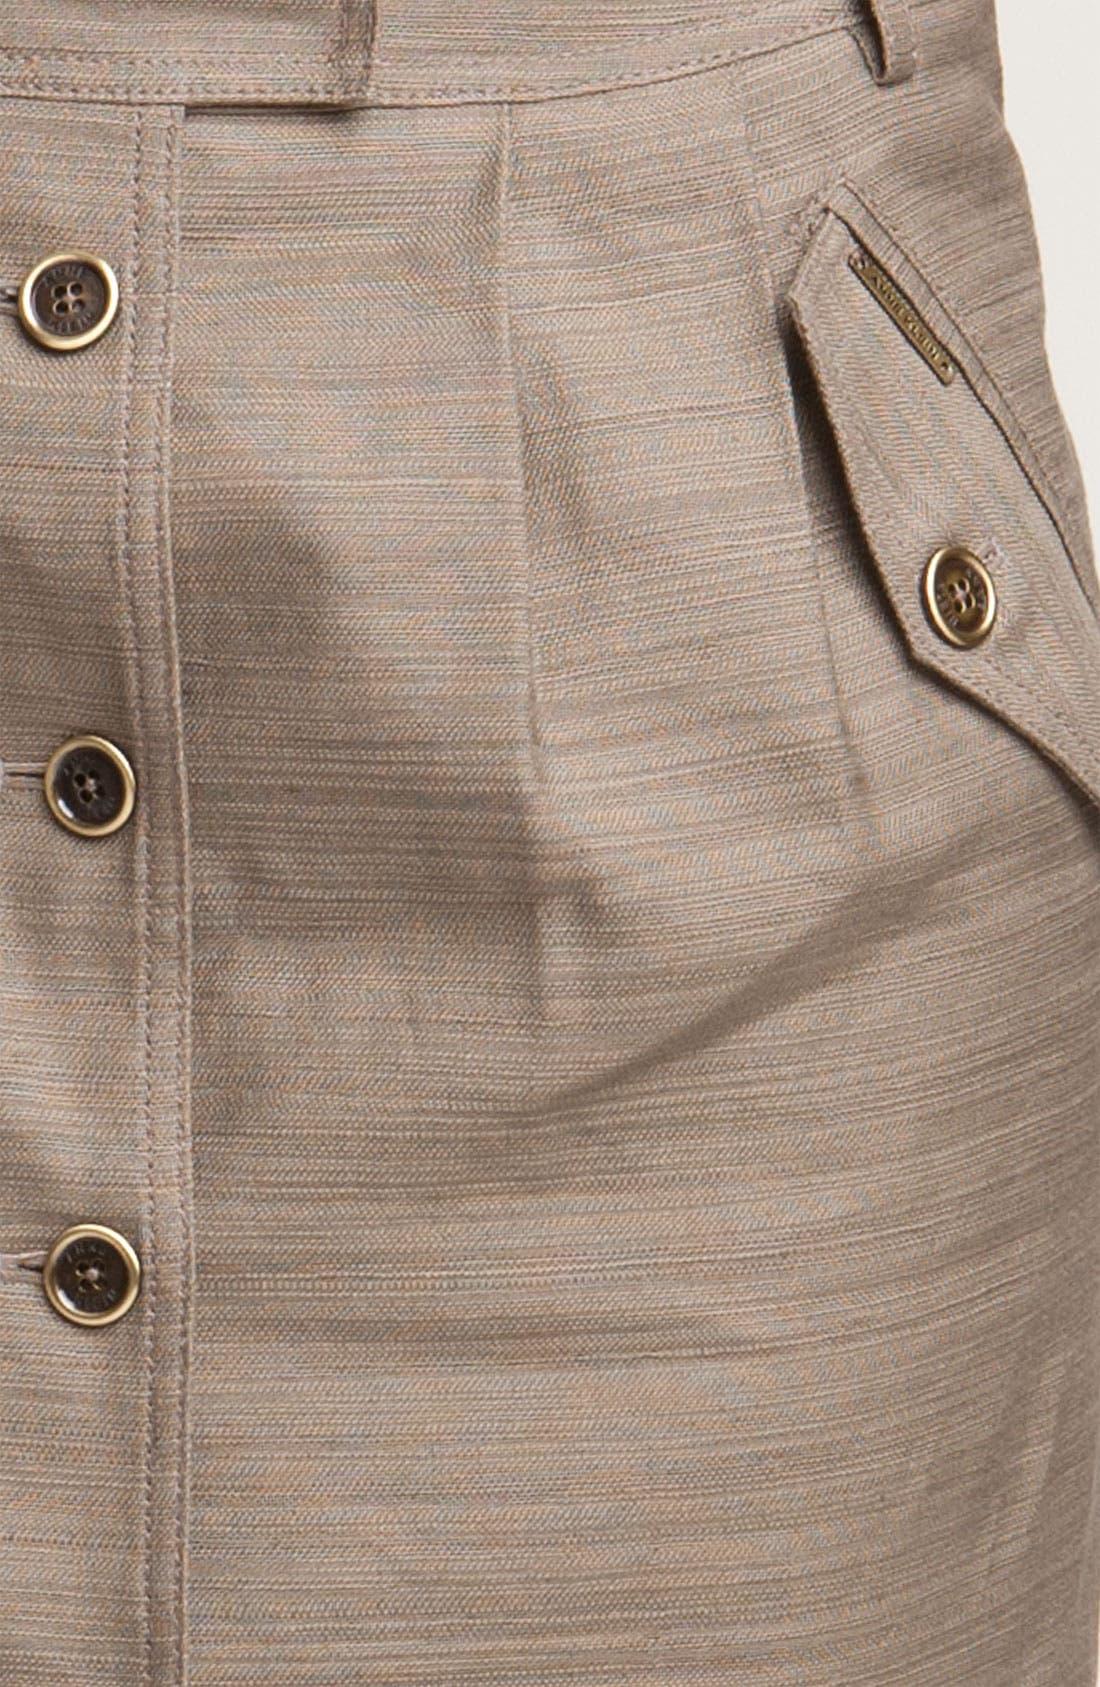 Alternate Image 3  - Anne Klein Button Front Slub Weave Skirt